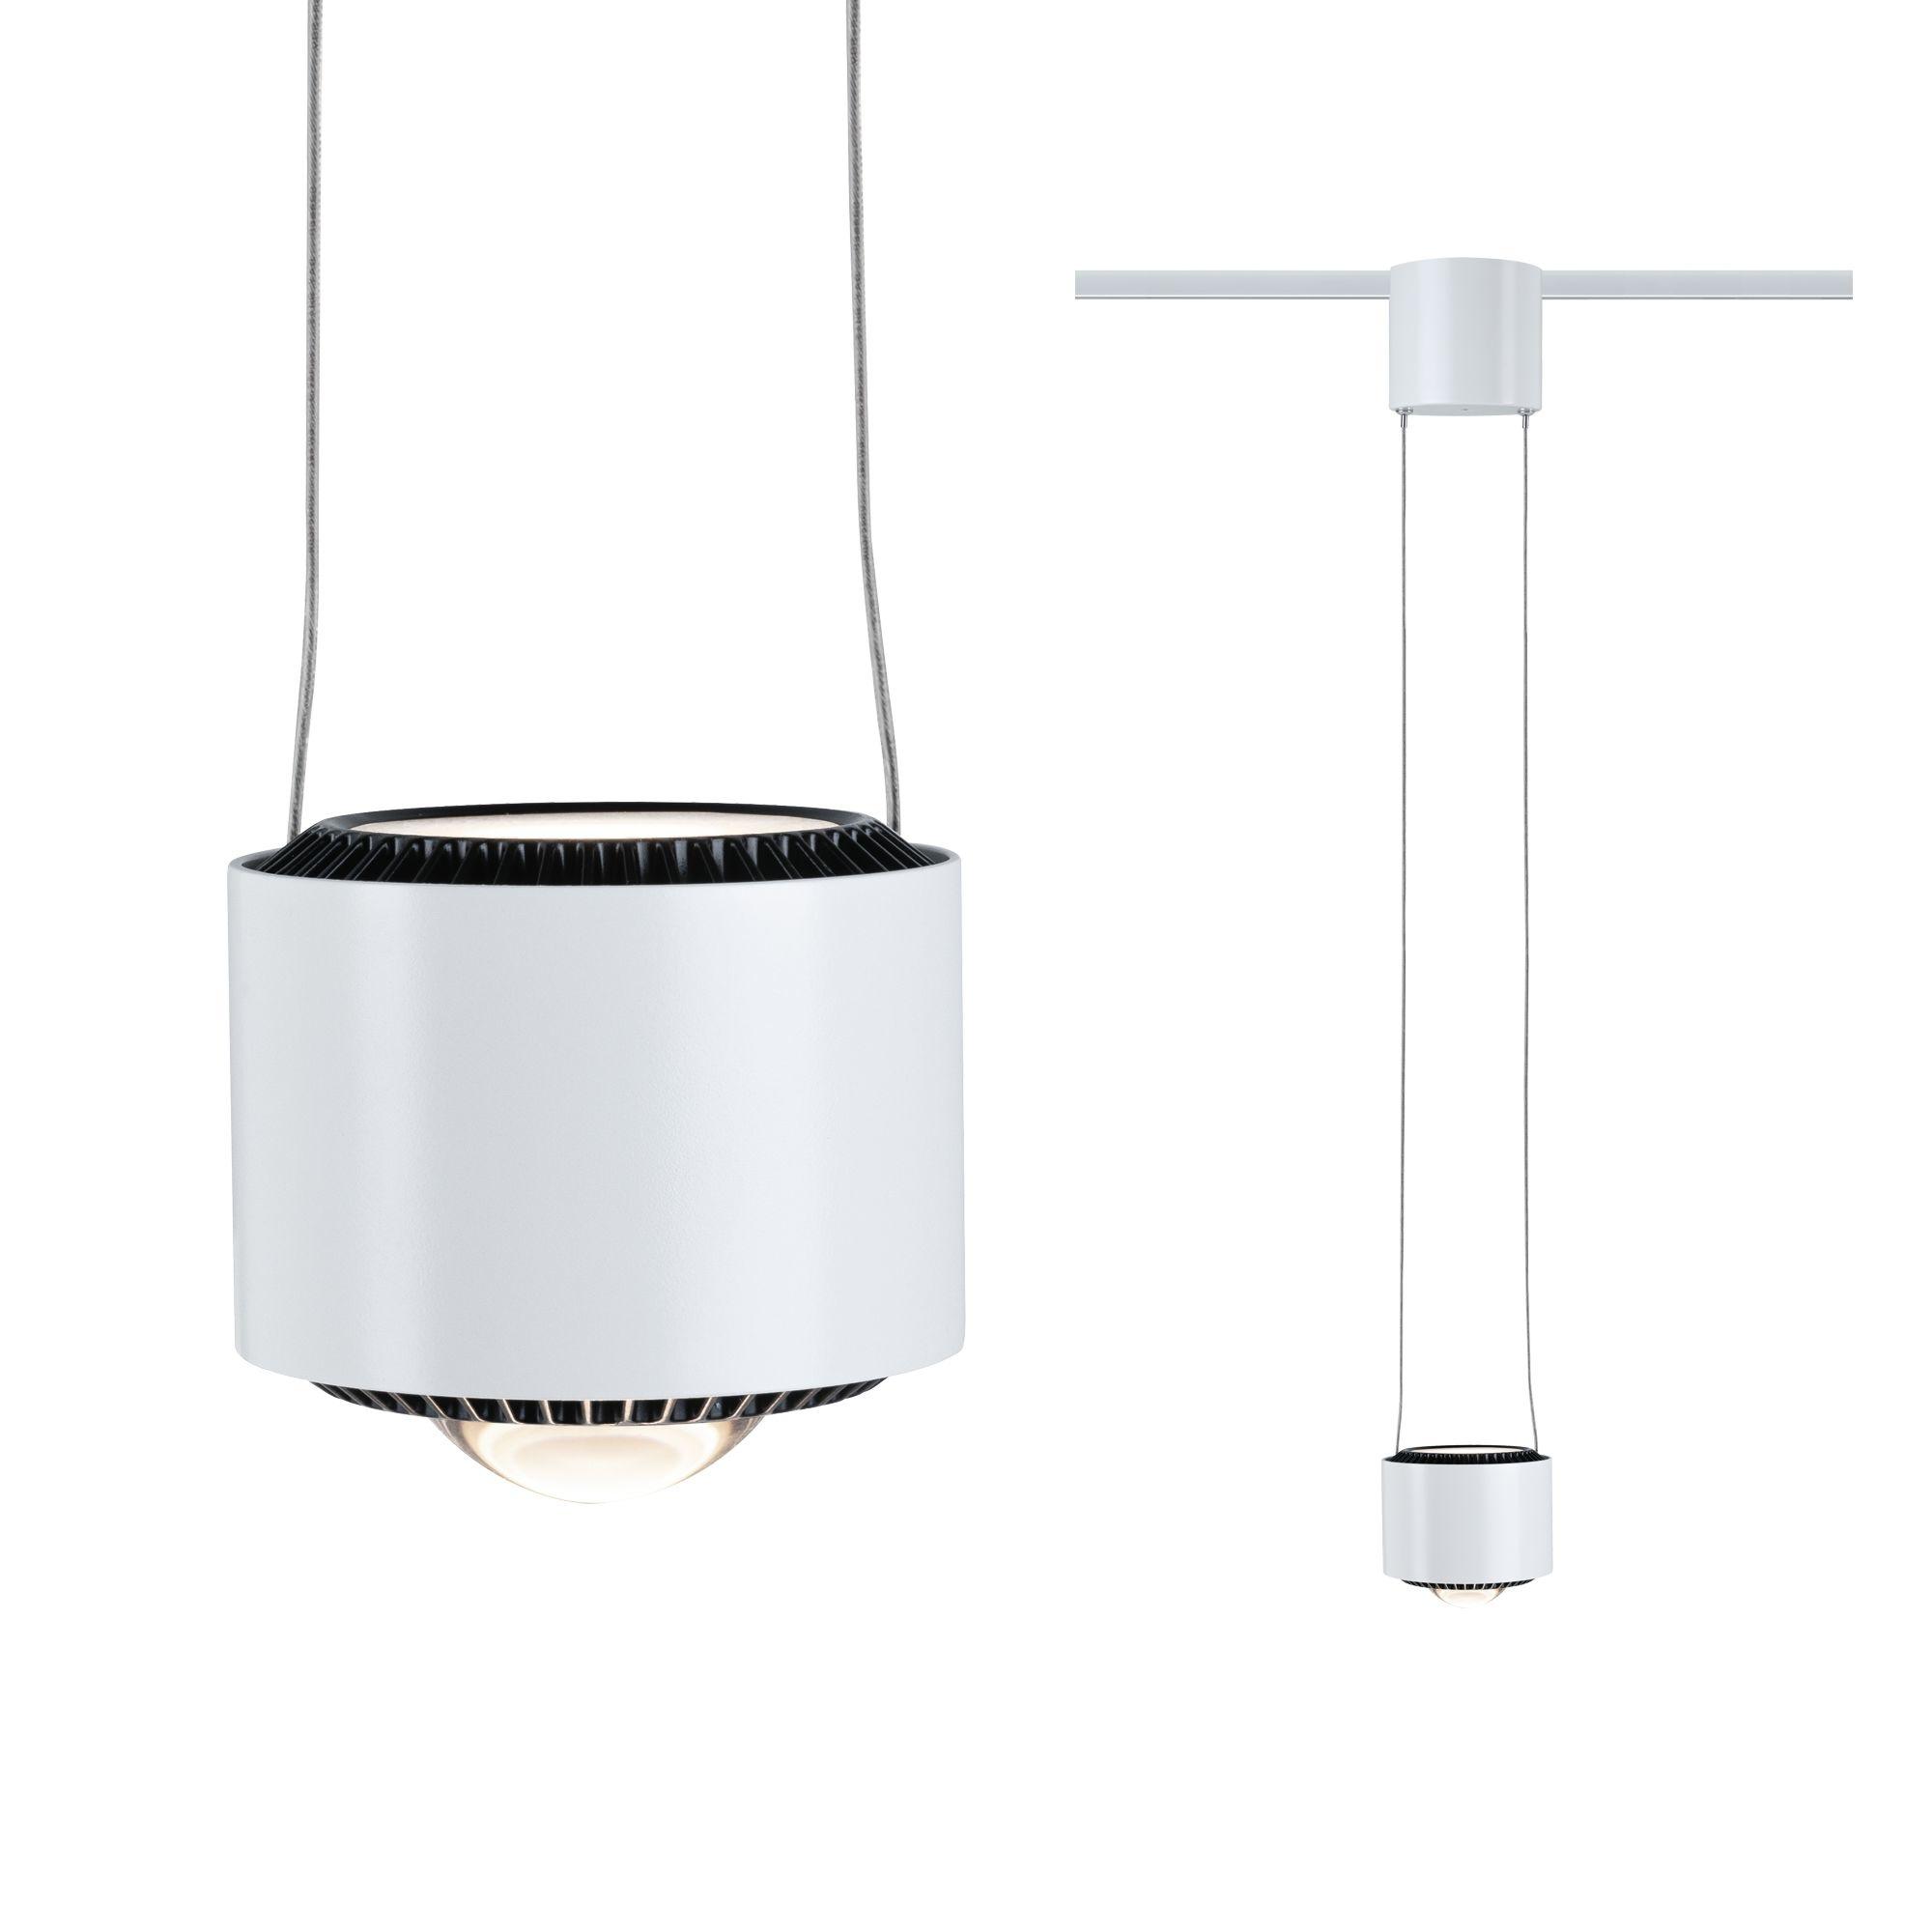 Paulmann URail LED Pendel Aldan 1-flammig 1x8,5W Weiß/Schwarz dimmbar